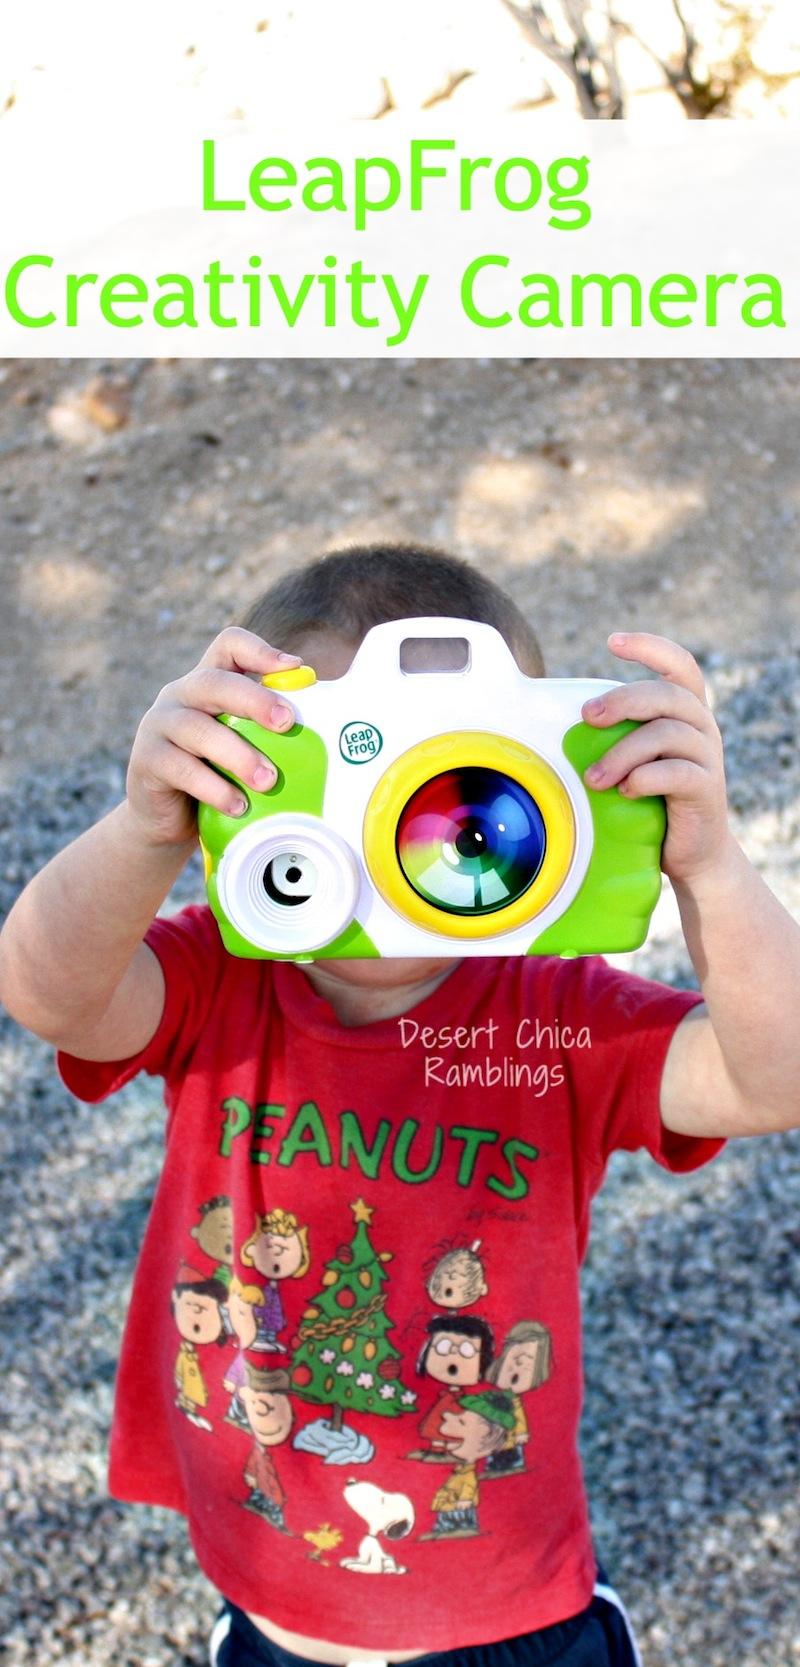 Leapfrog Creativity Camera